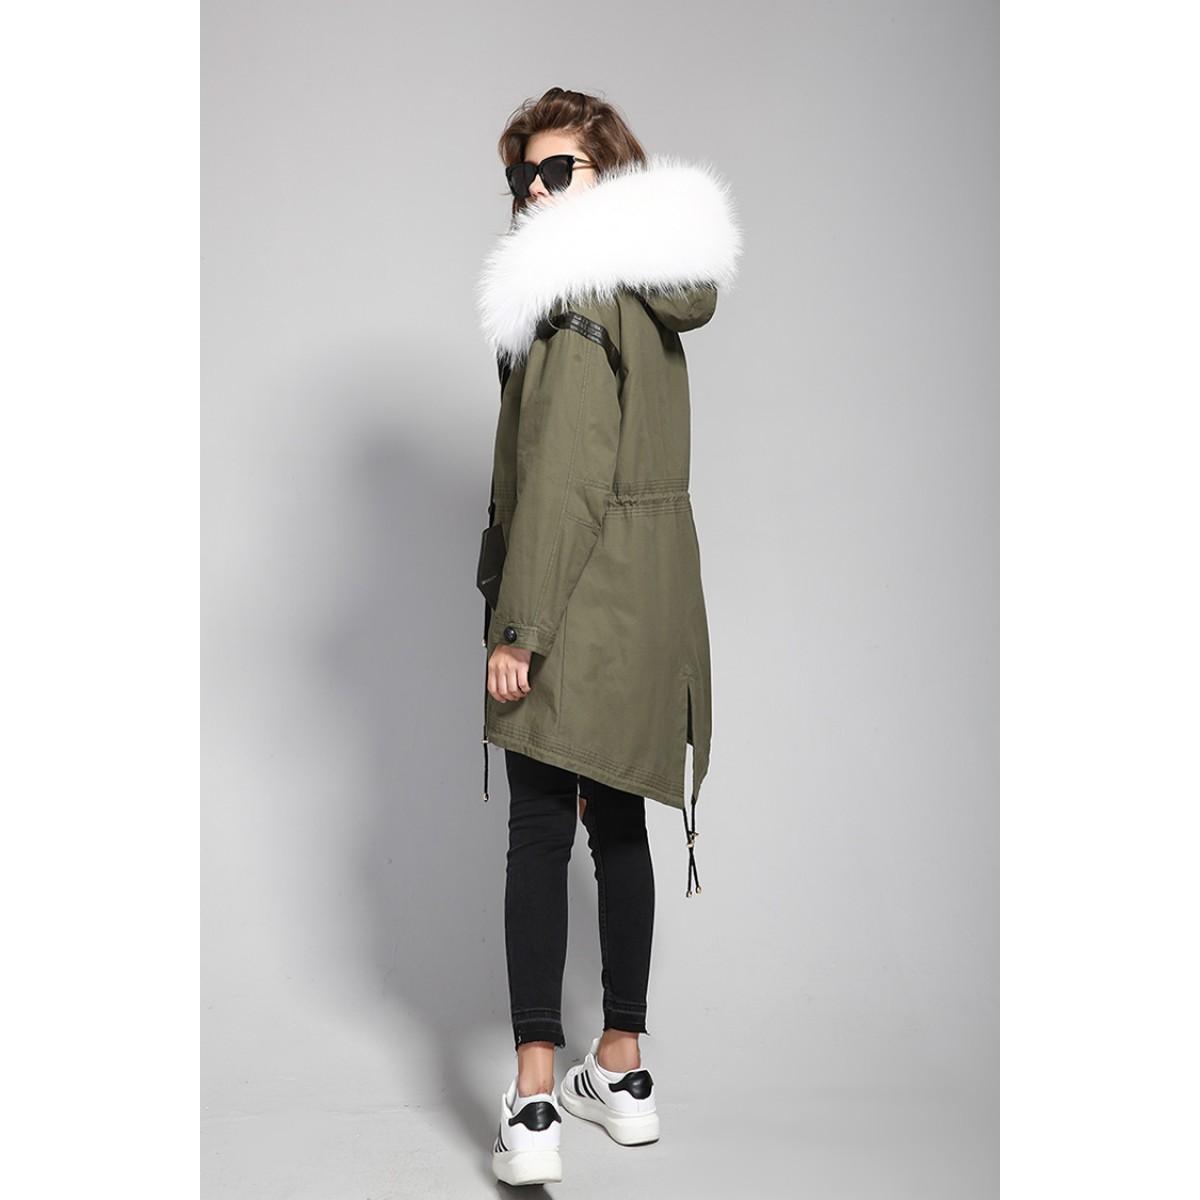 Idée A S'habiller Pour Fourrure Bnzt8 Capuche Avec Veste QeErBdxWCo